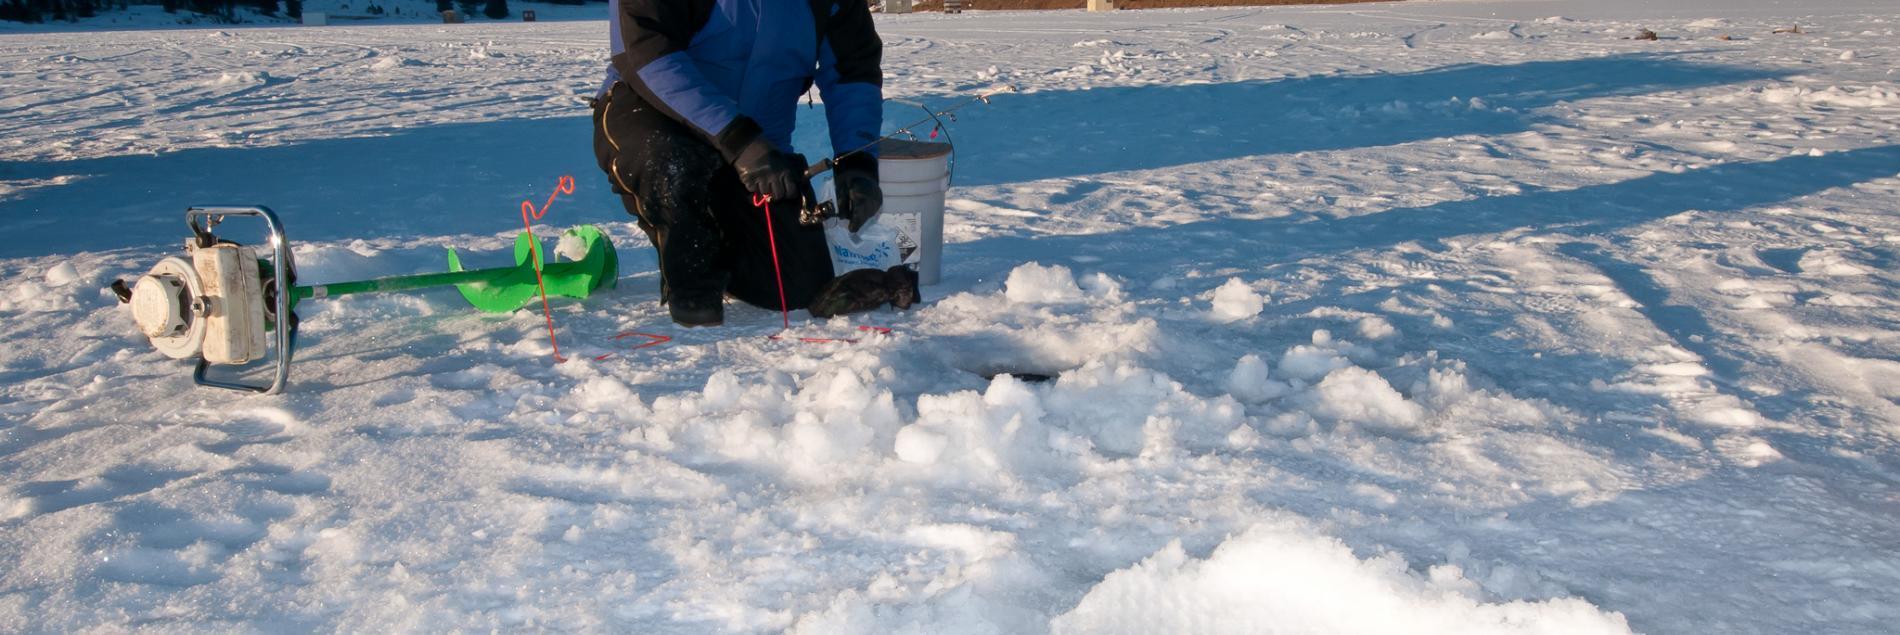 Fishing & Ice Fishing